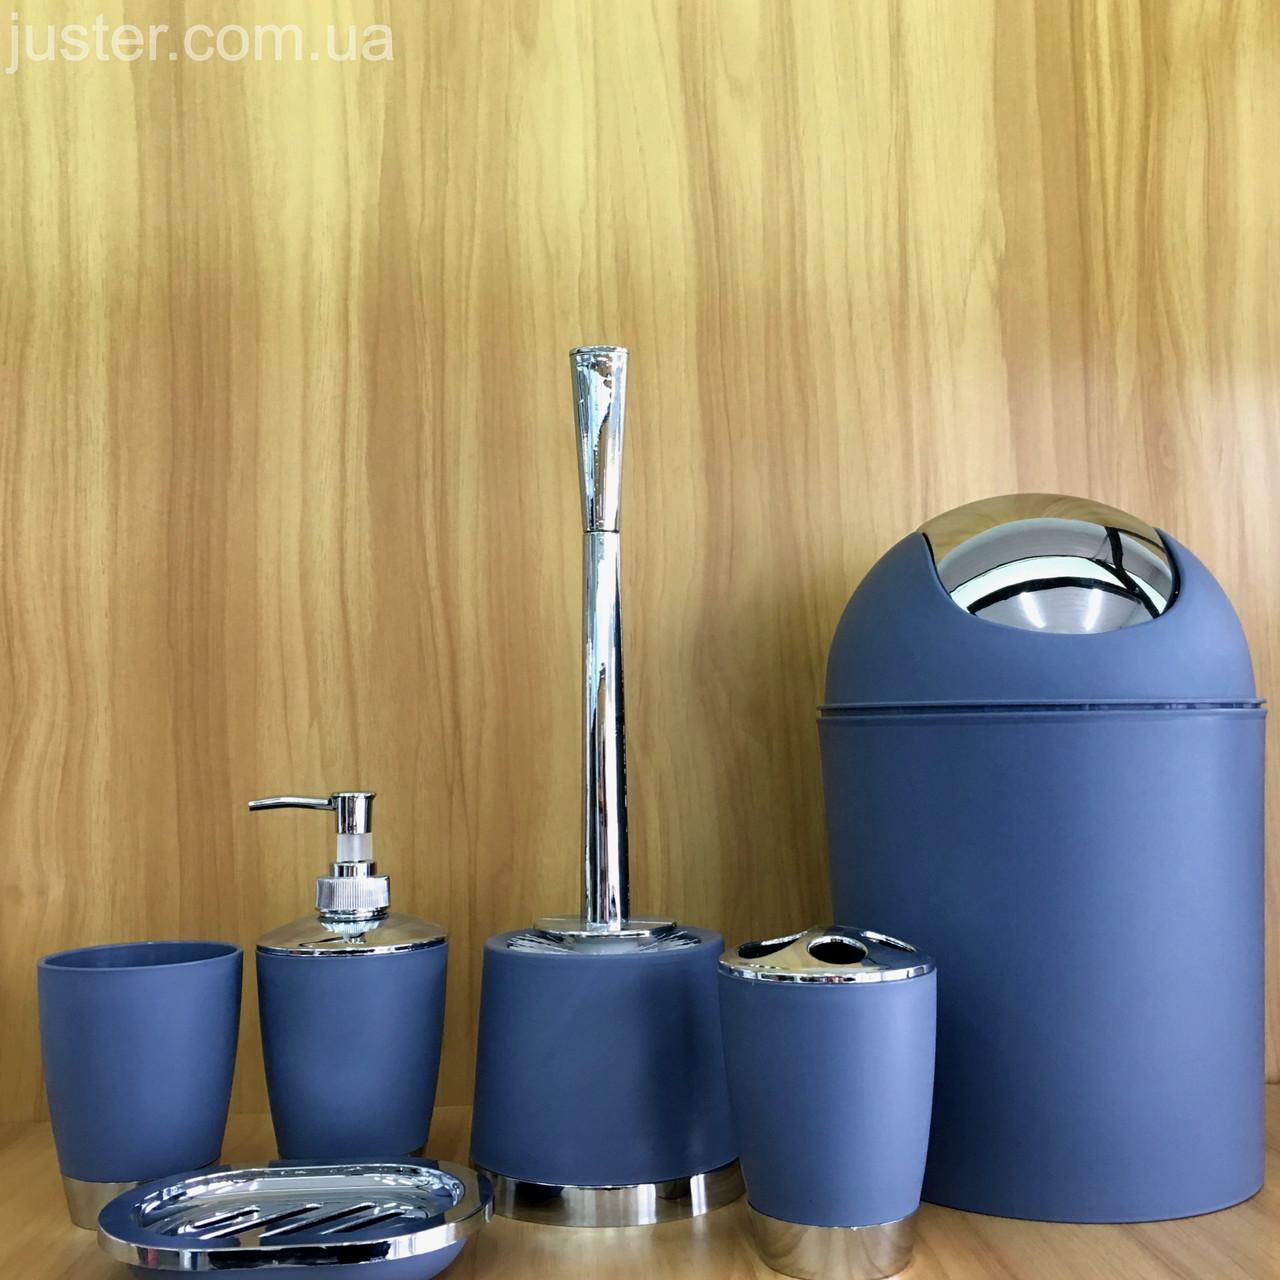 Набор аксессуаров для ванной комнаты Bathlux Floor de Parcelana на 6 предметов